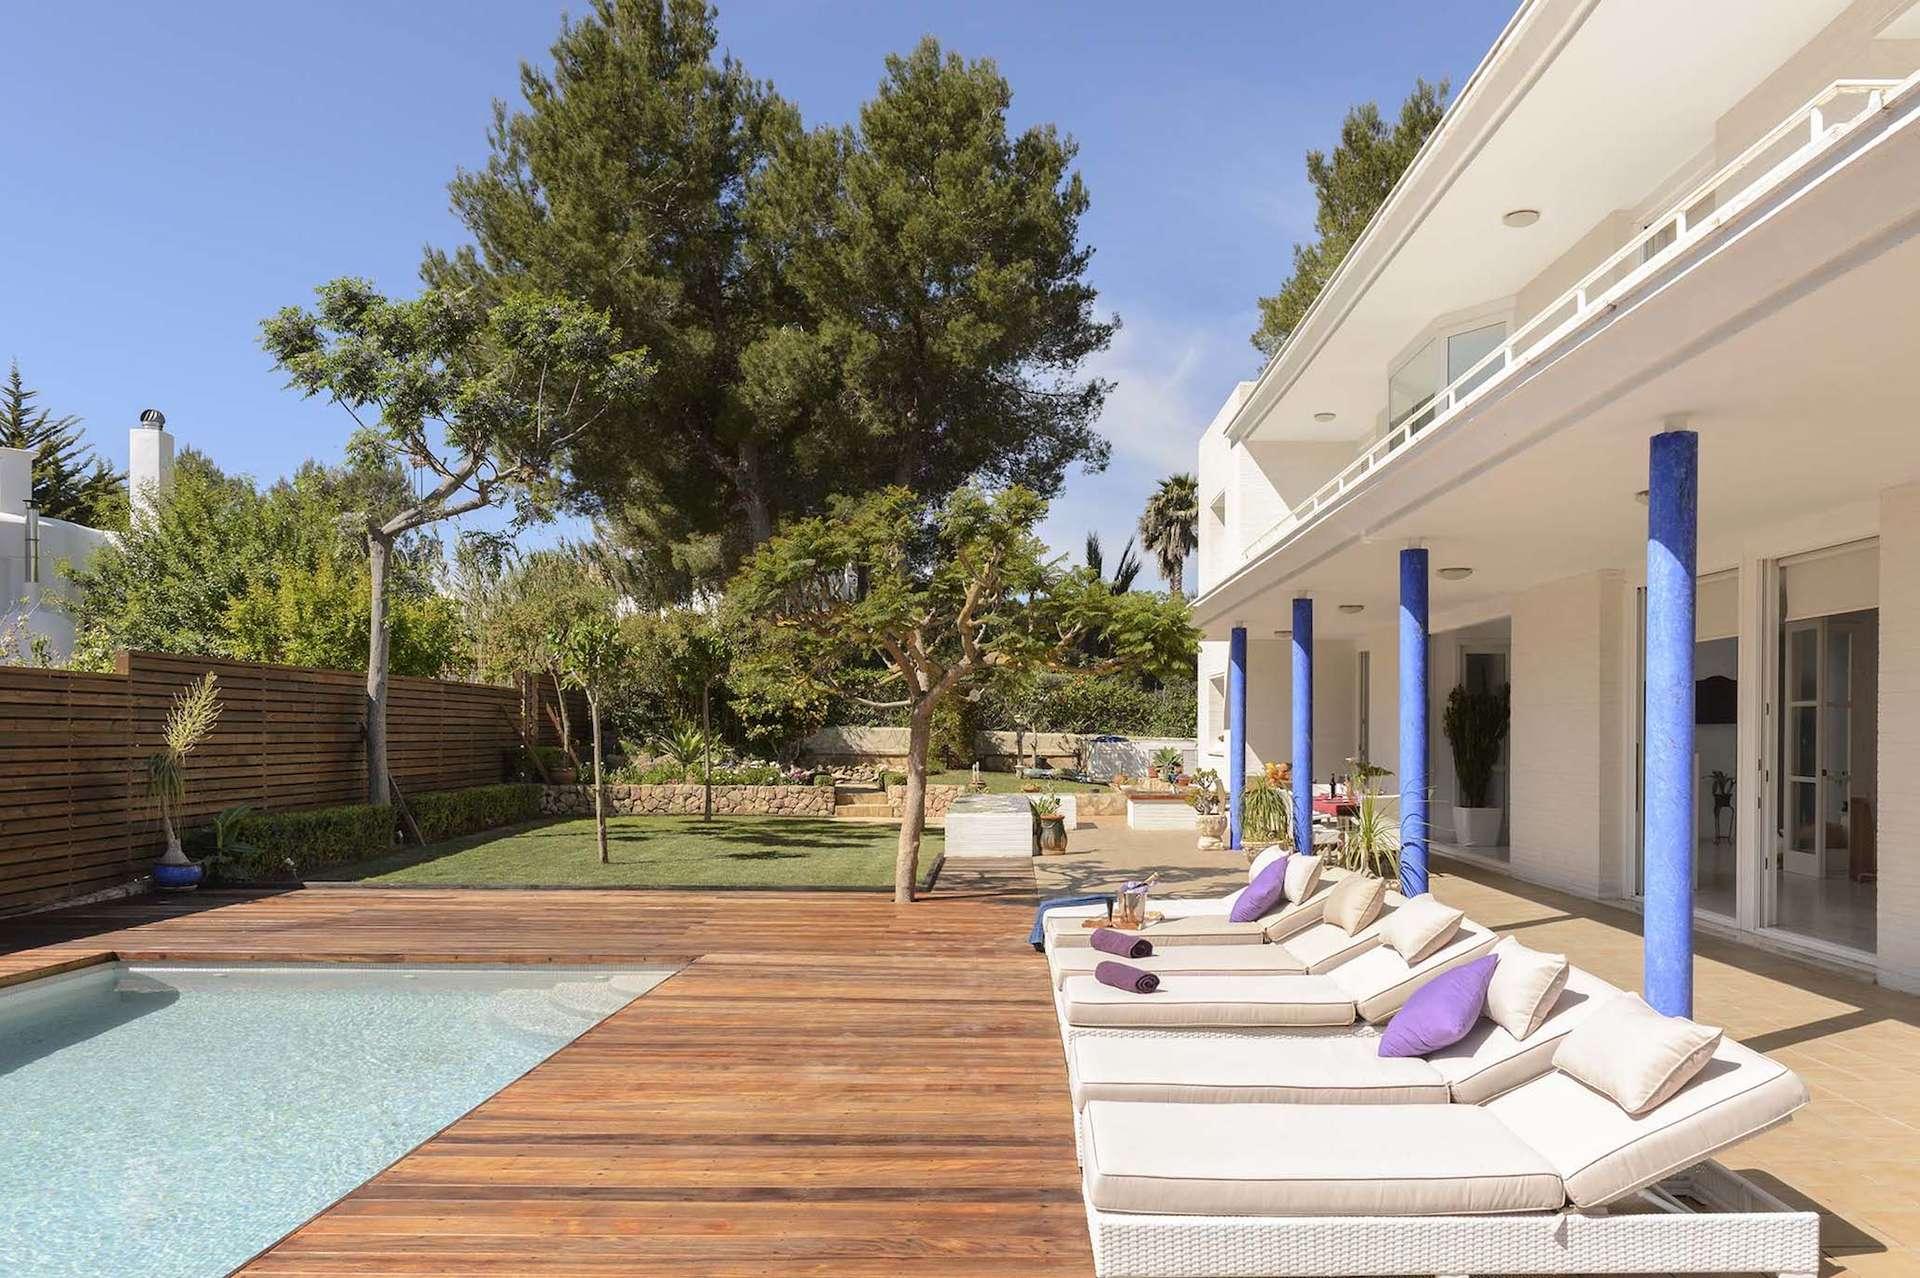 - Villa Demario - Image 1/22